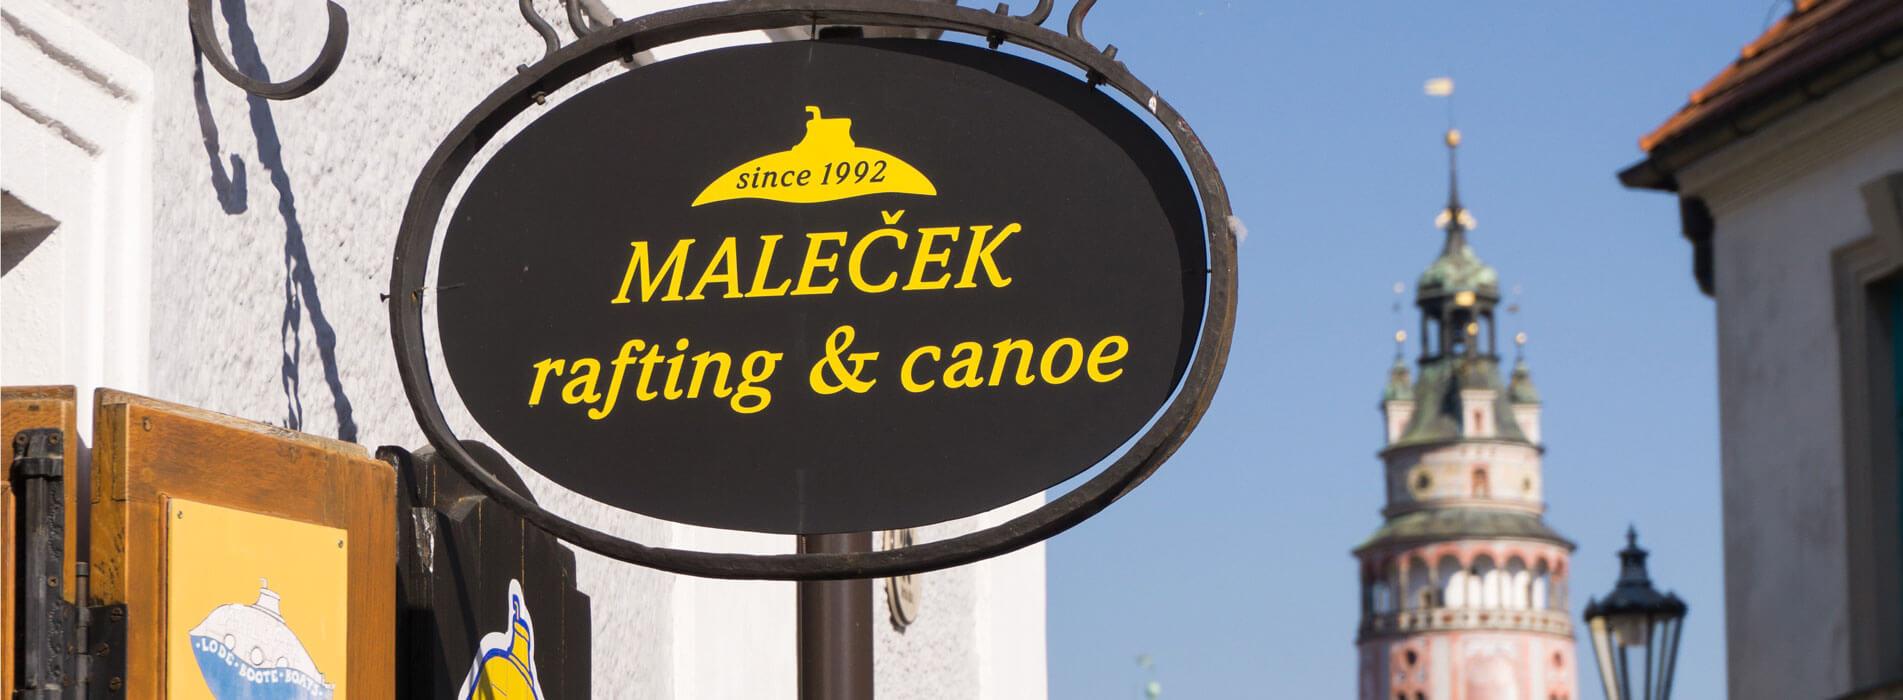 Maleček rafting & canoe obchod